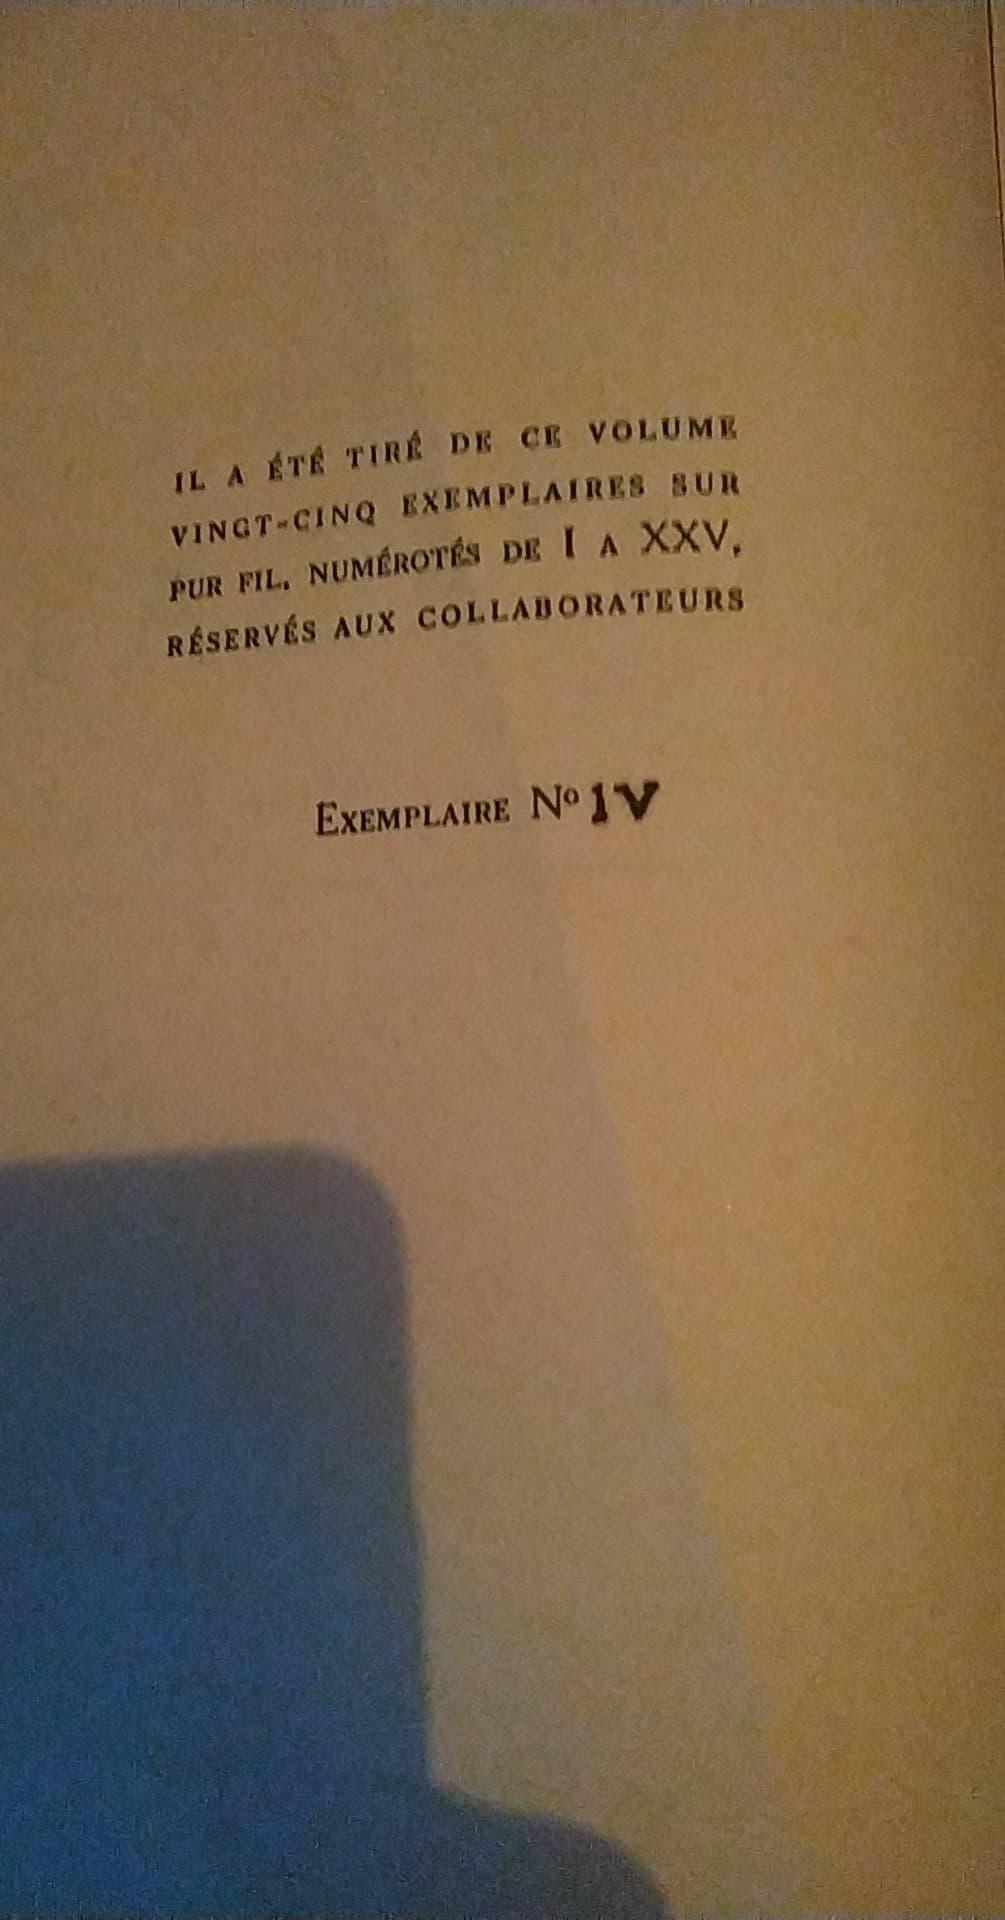 Mein kampf edition latine 1934 réservé aux collaborateurs 13192910